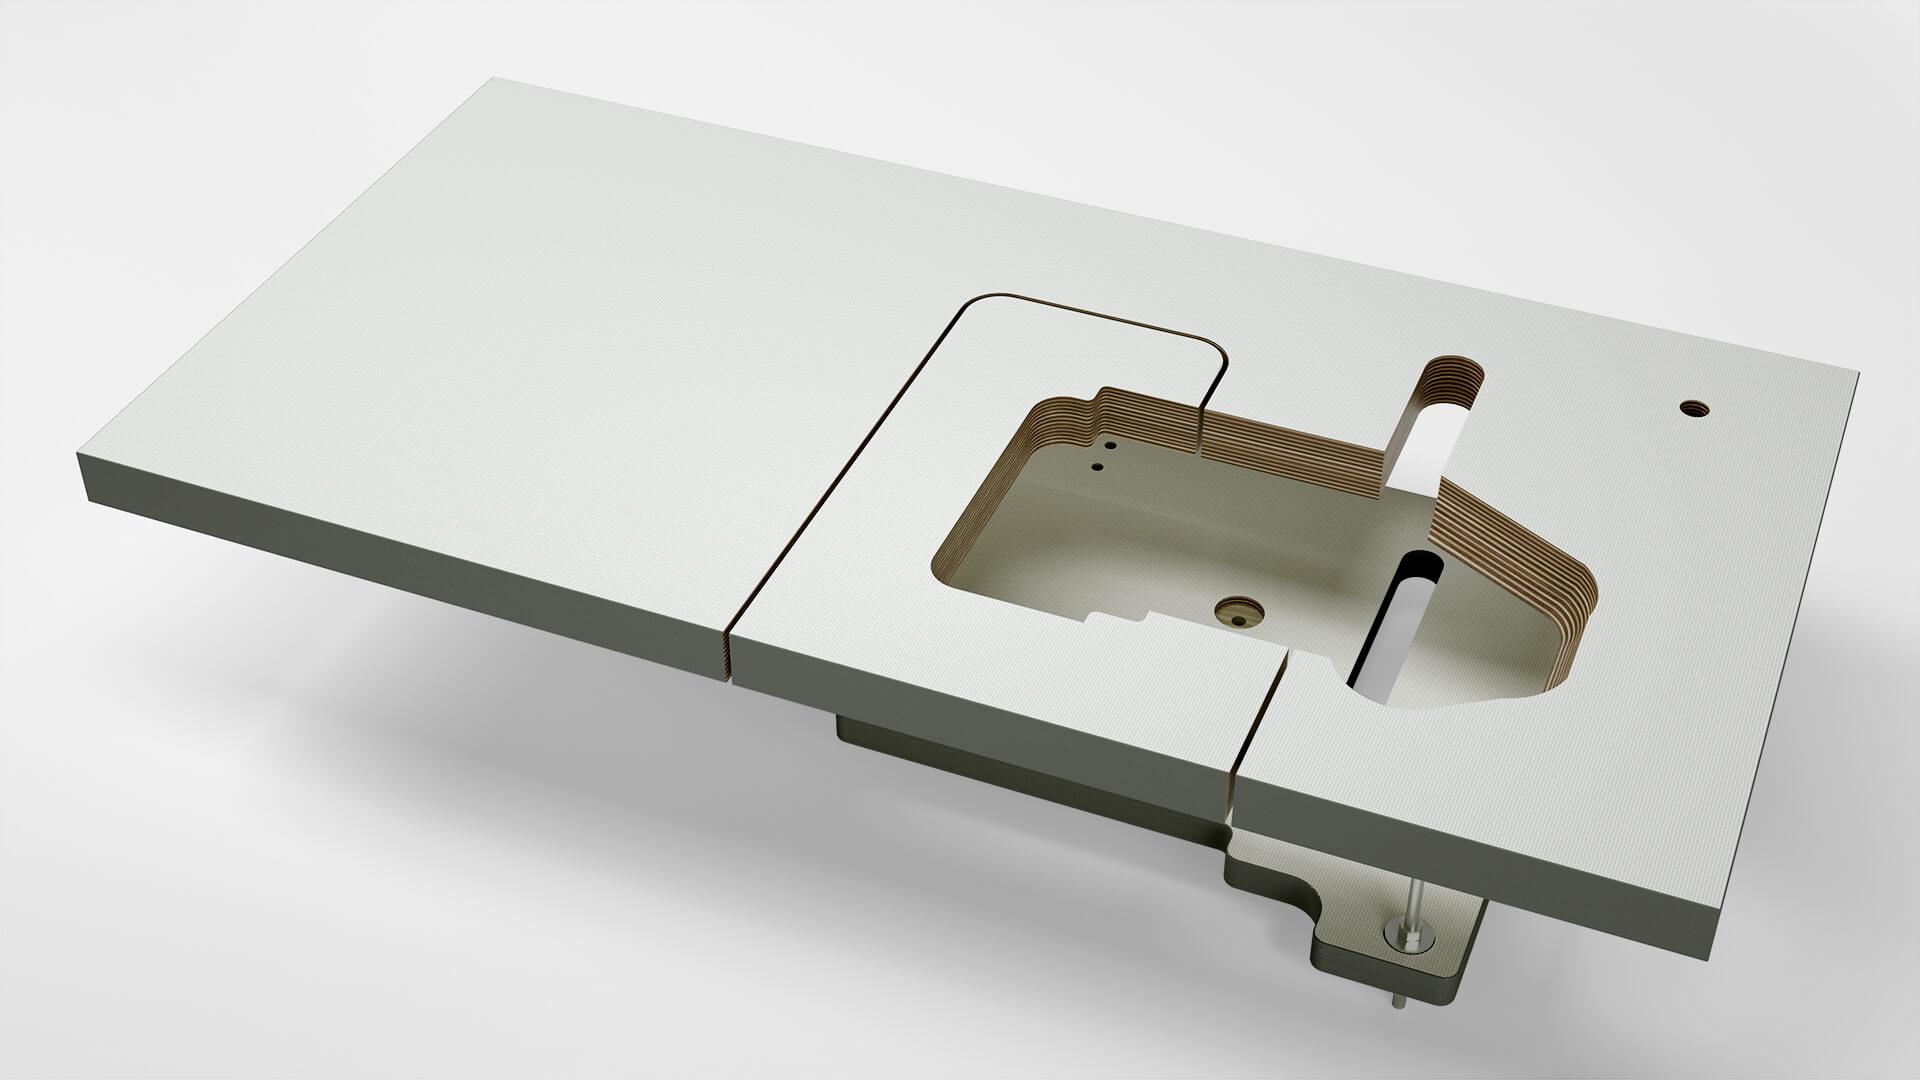 Sondertischplatte, halb- und vollversenkbar